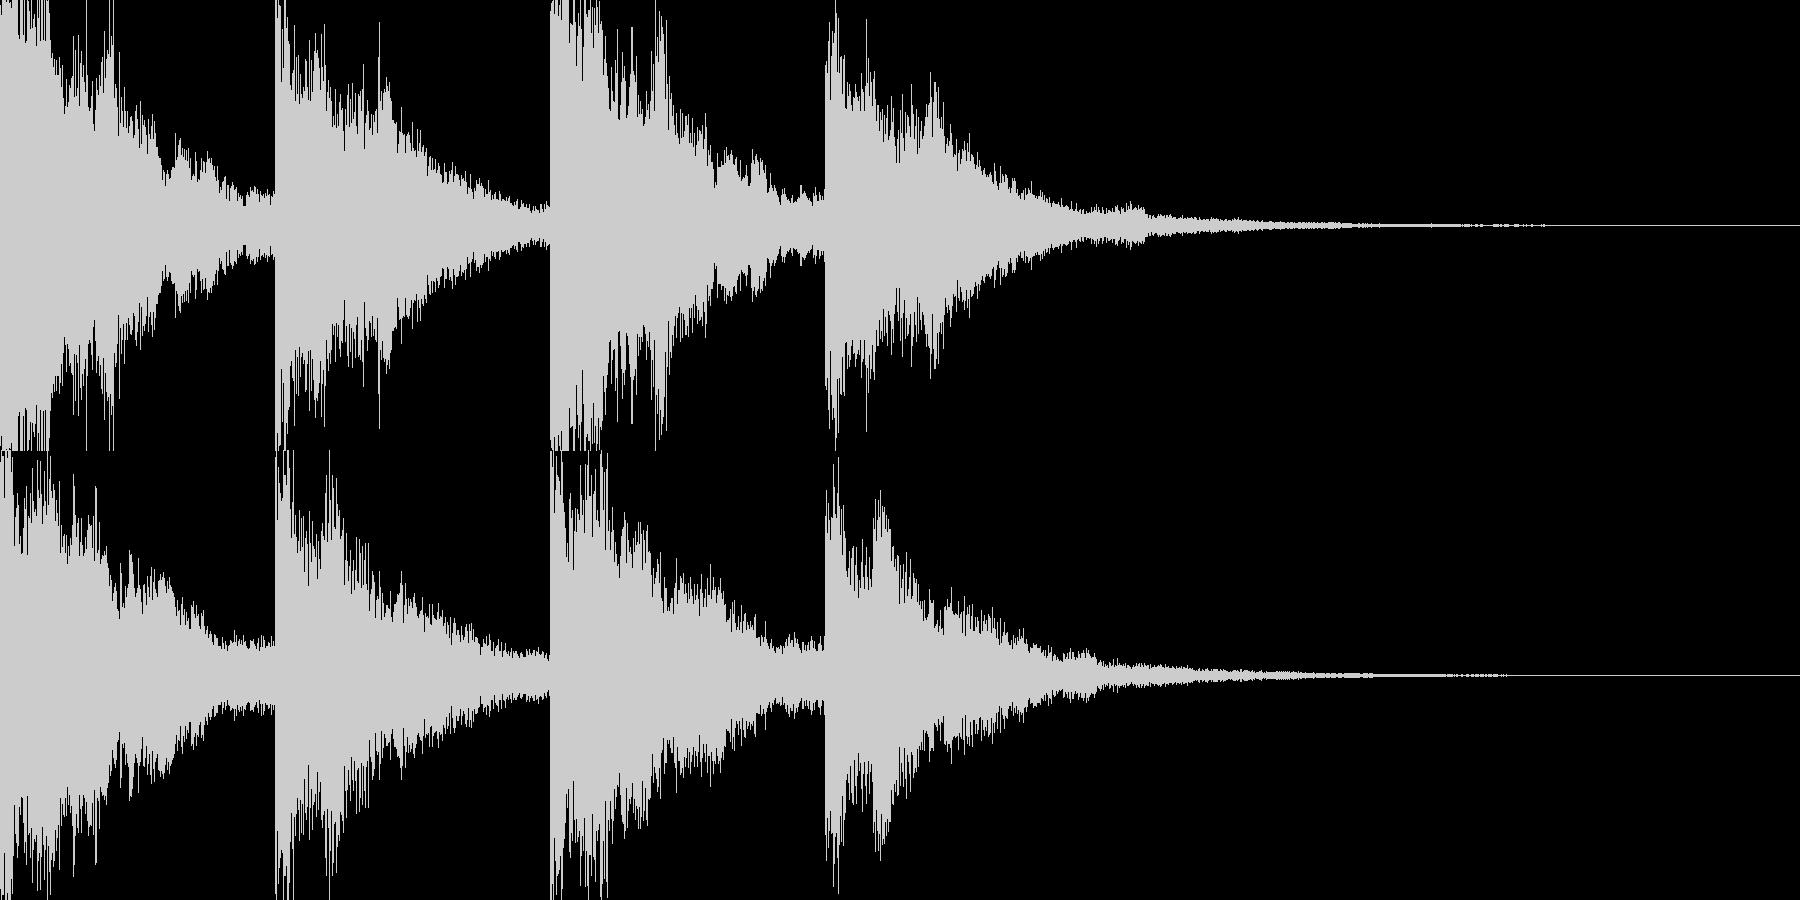 サウンドノベルに合いそうな音の未再生の波形